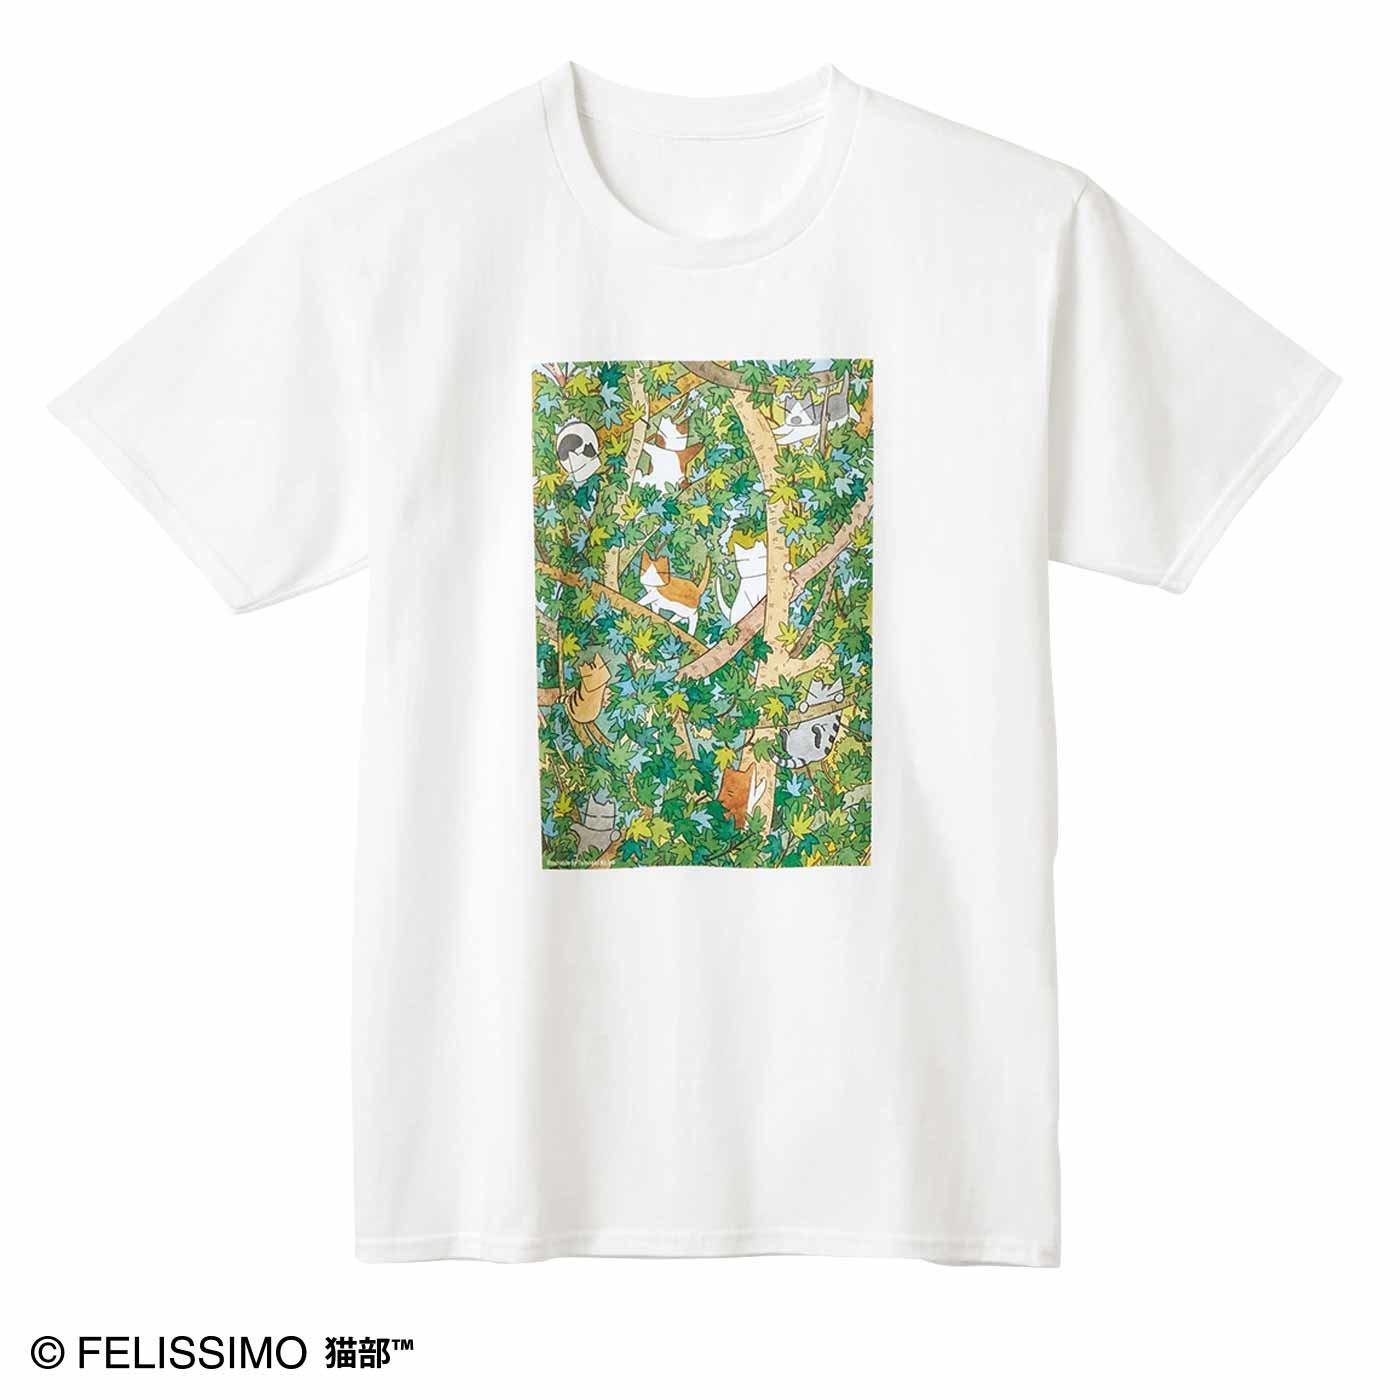 猫部×久保智昭 地域猫チャリティーTシャツ2020